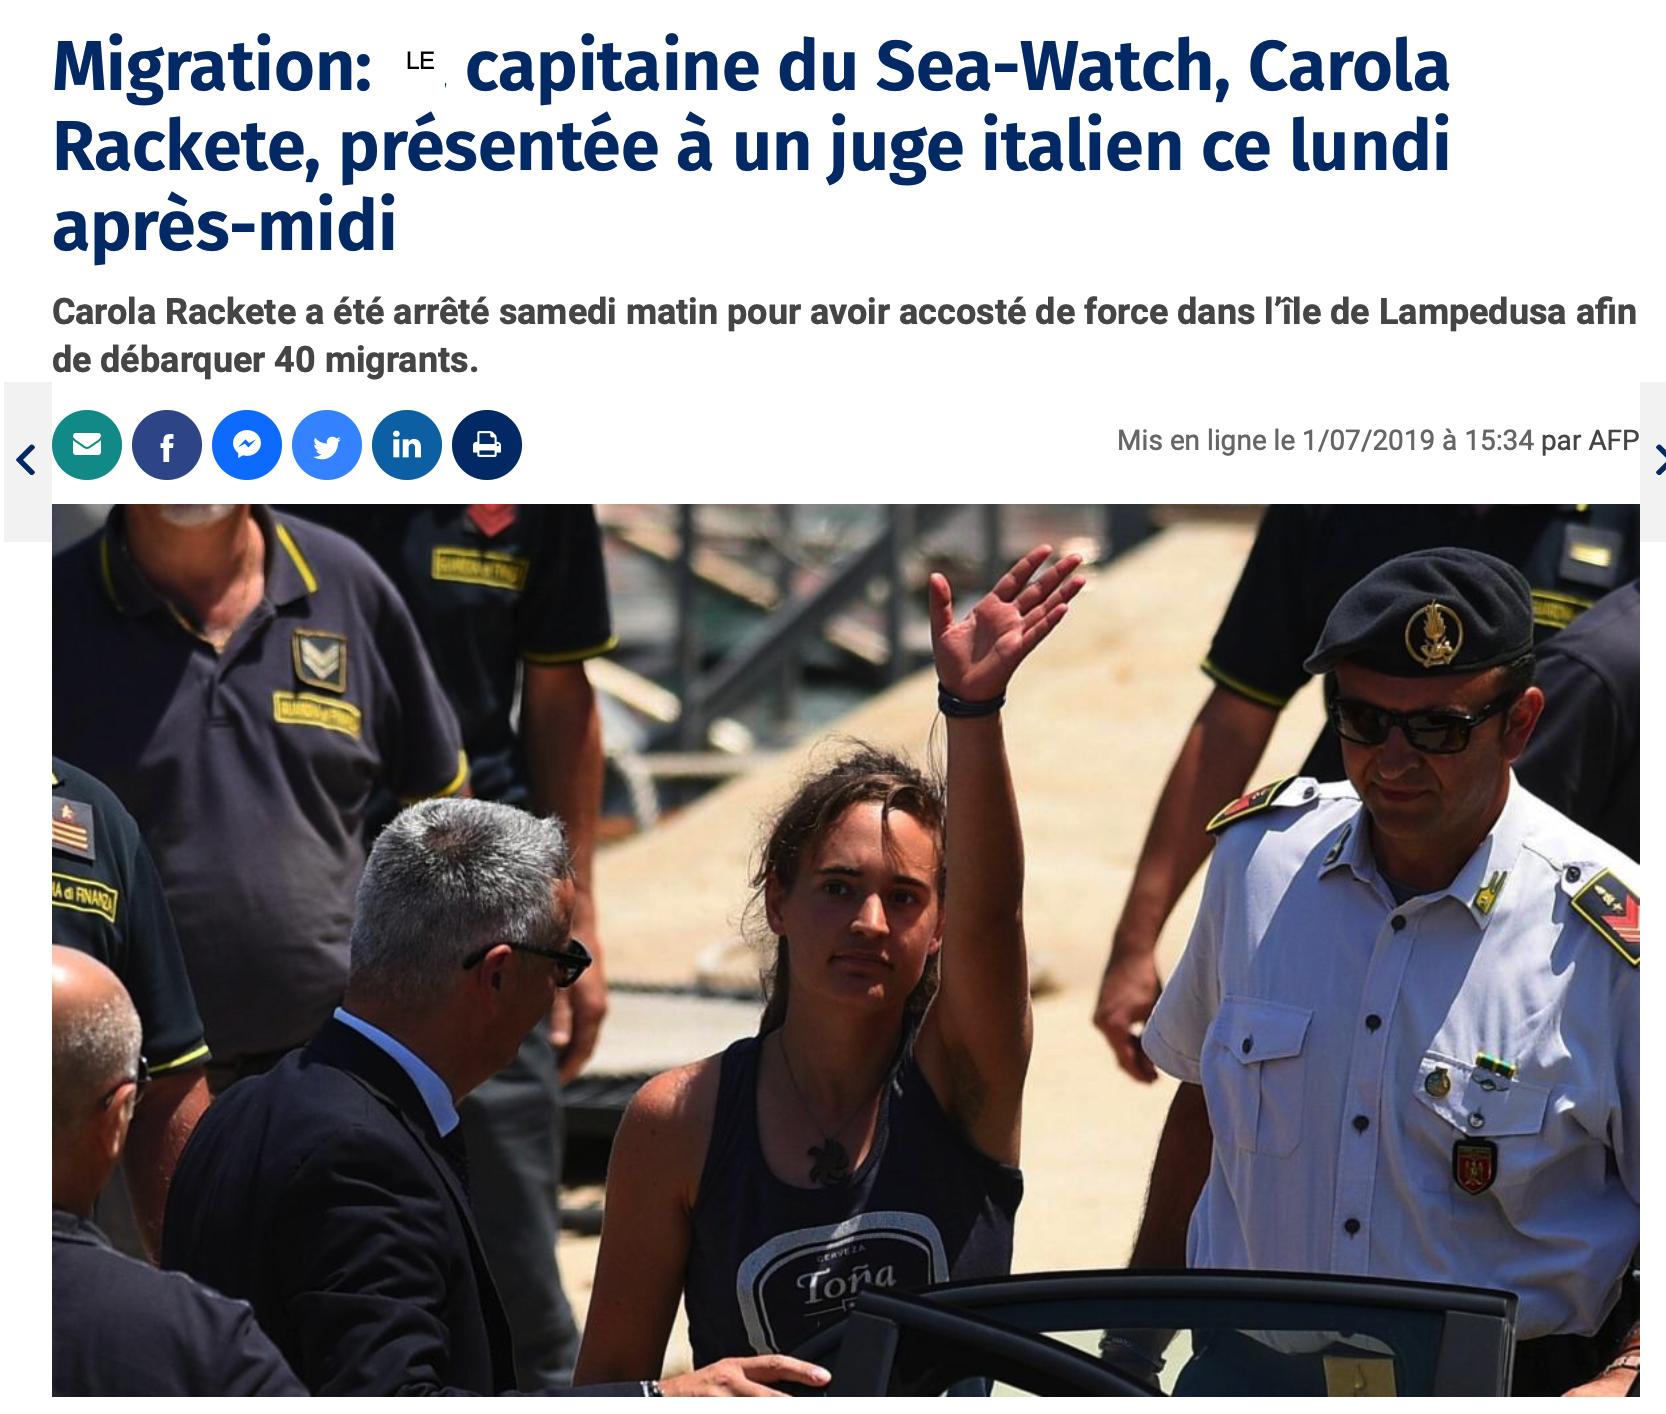 Record de Notre-Dame battu,  plus d'un million d'euros pour le capitaine du See Watch 3 : ça vous étonne ?